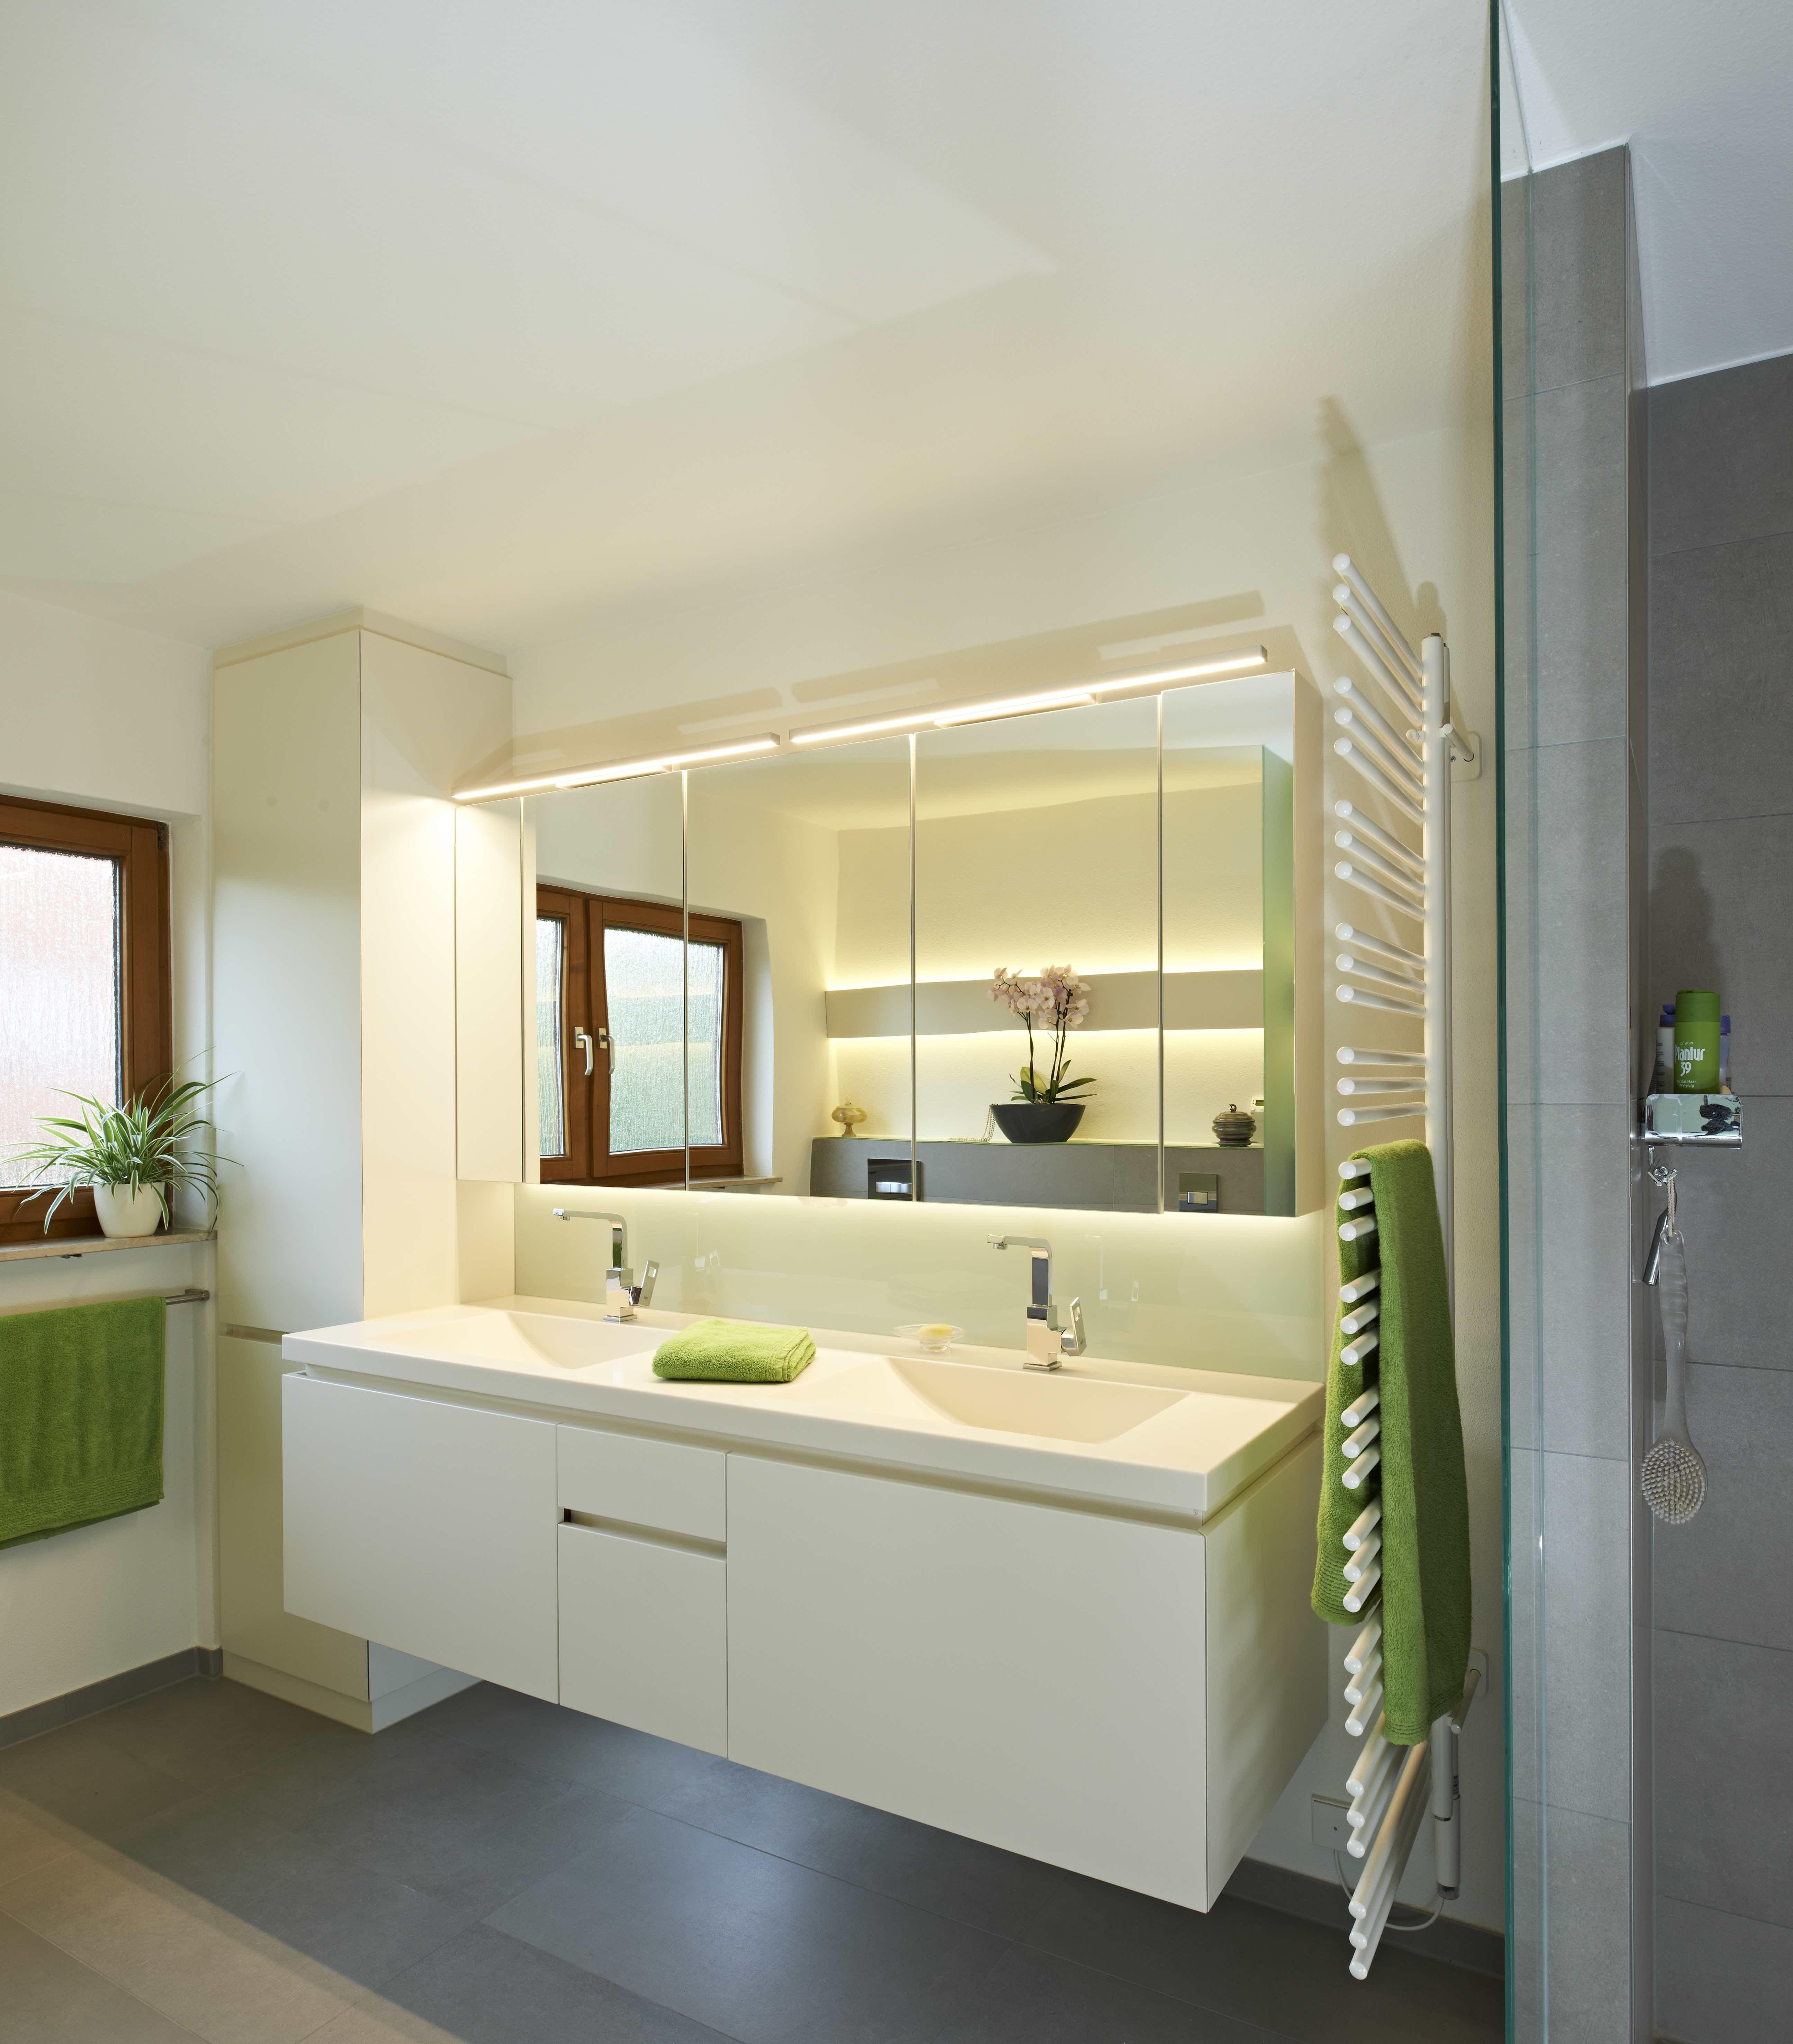 Baden 7 Badezimmer spiegelschrank, Badezimmerideen